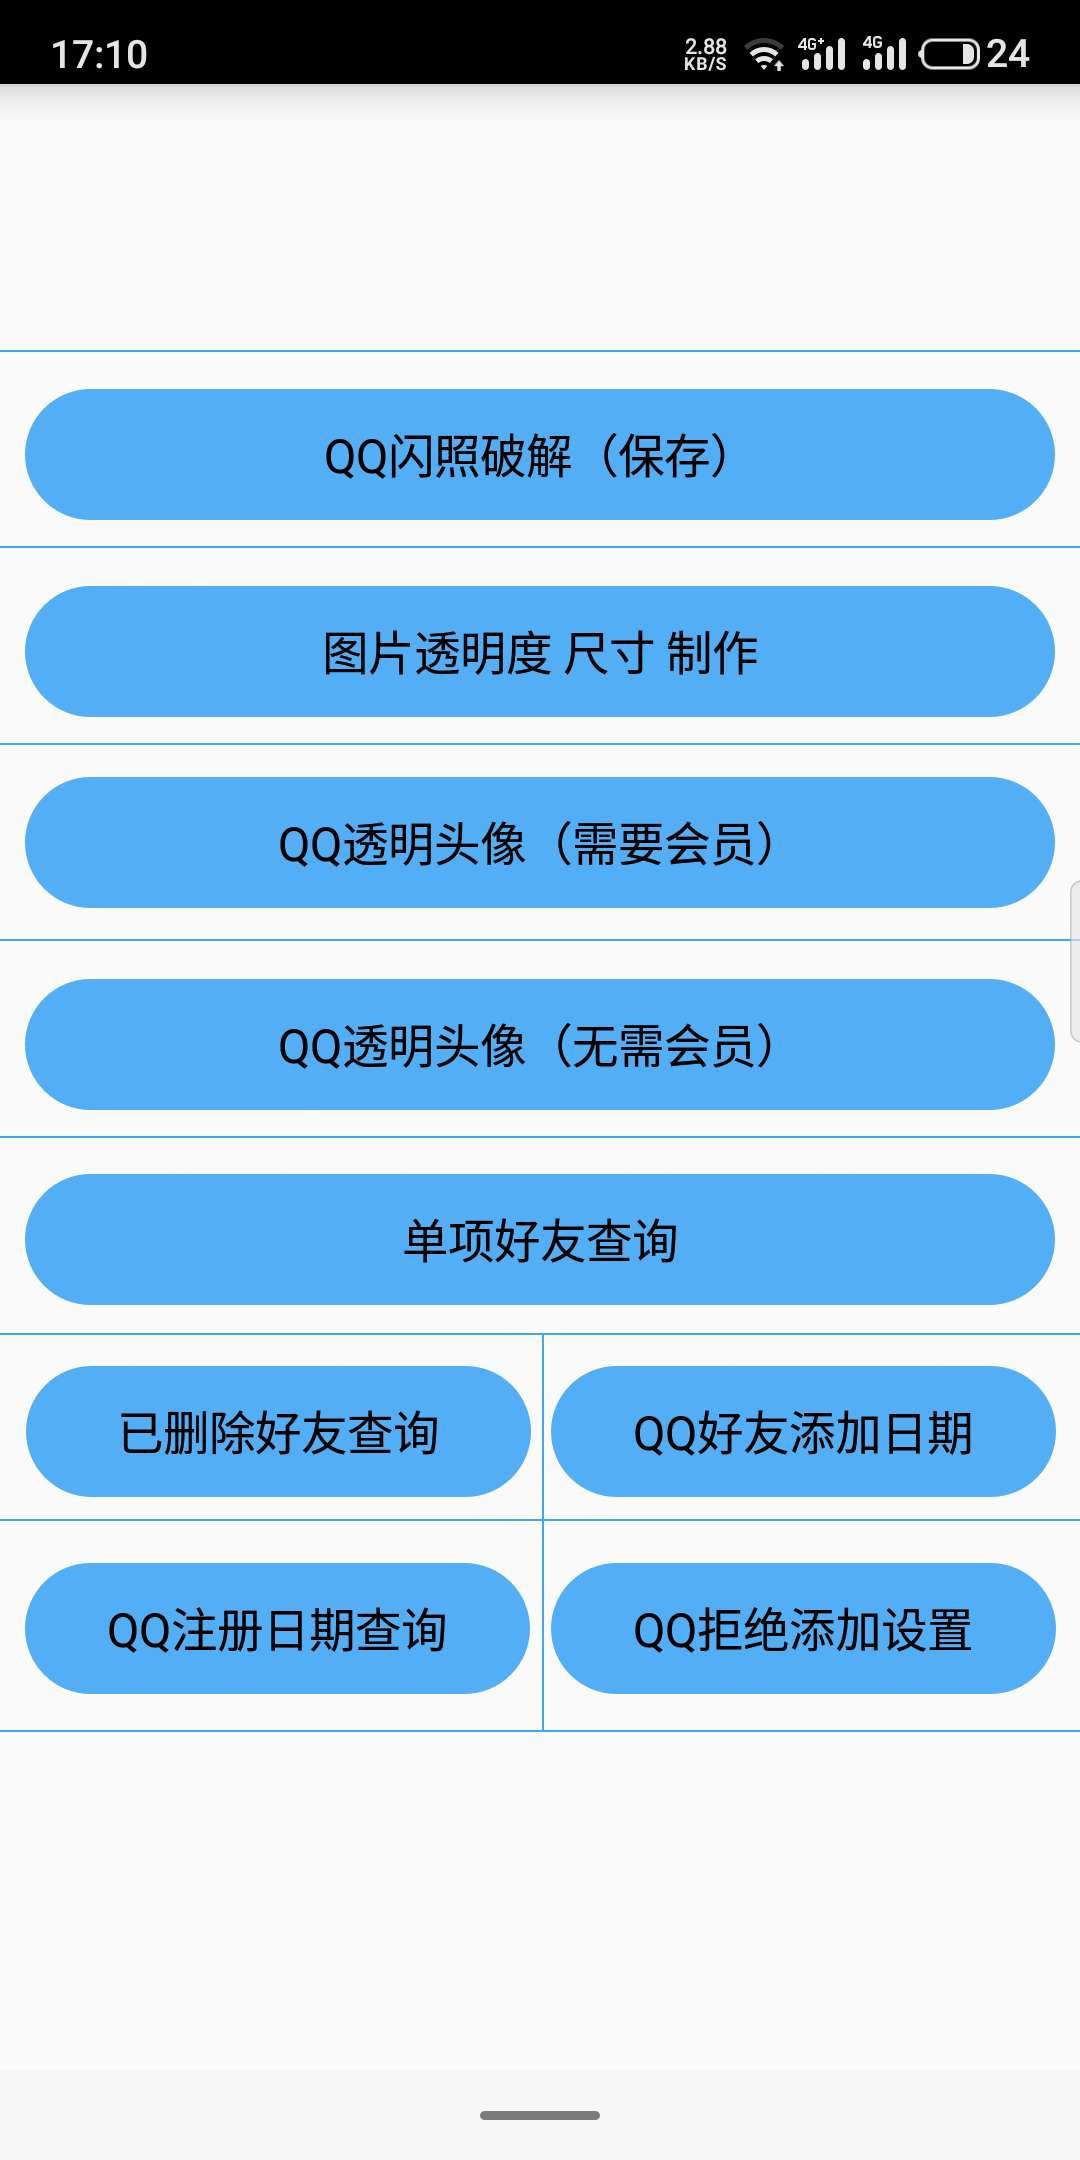 【分享】布偶必备工具V5.6 ( 闪照保存 单项好友检查 等)